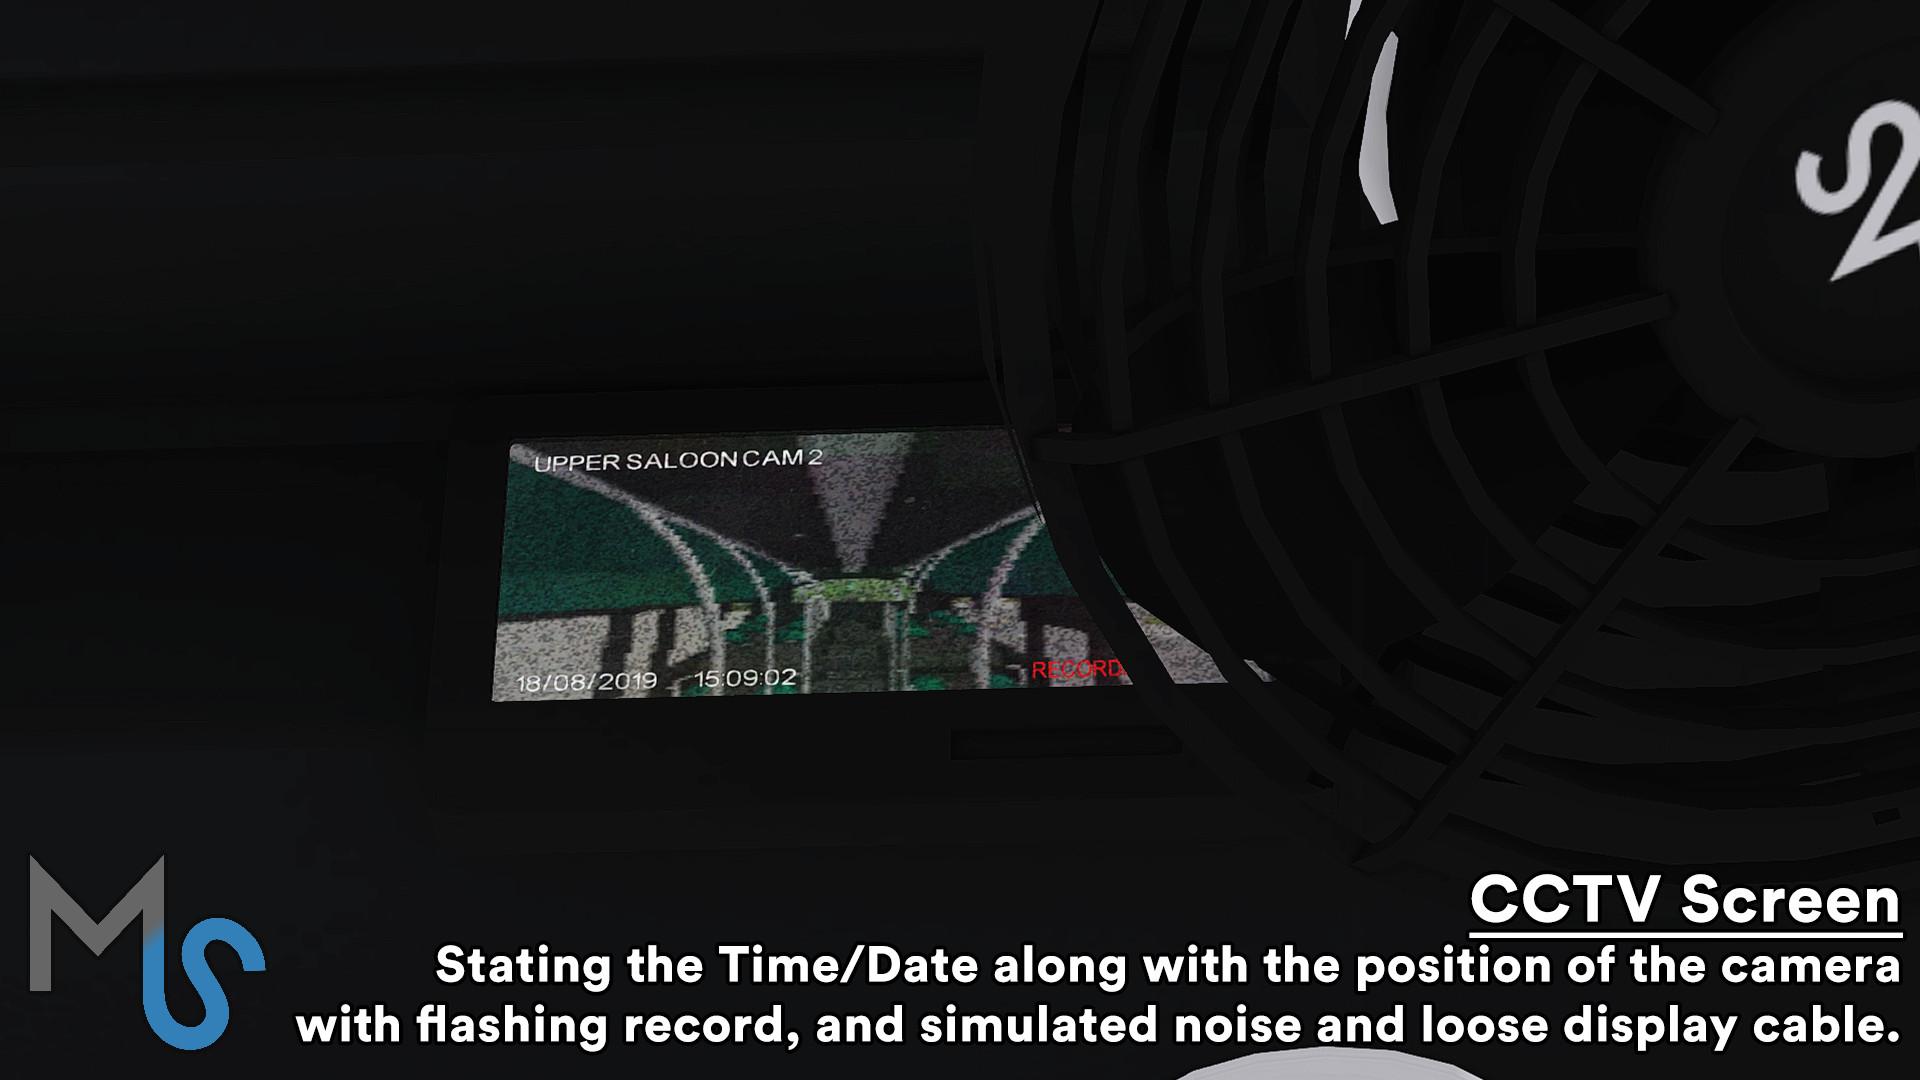 Kuka on CT todellisesta maailmasta dating 2014